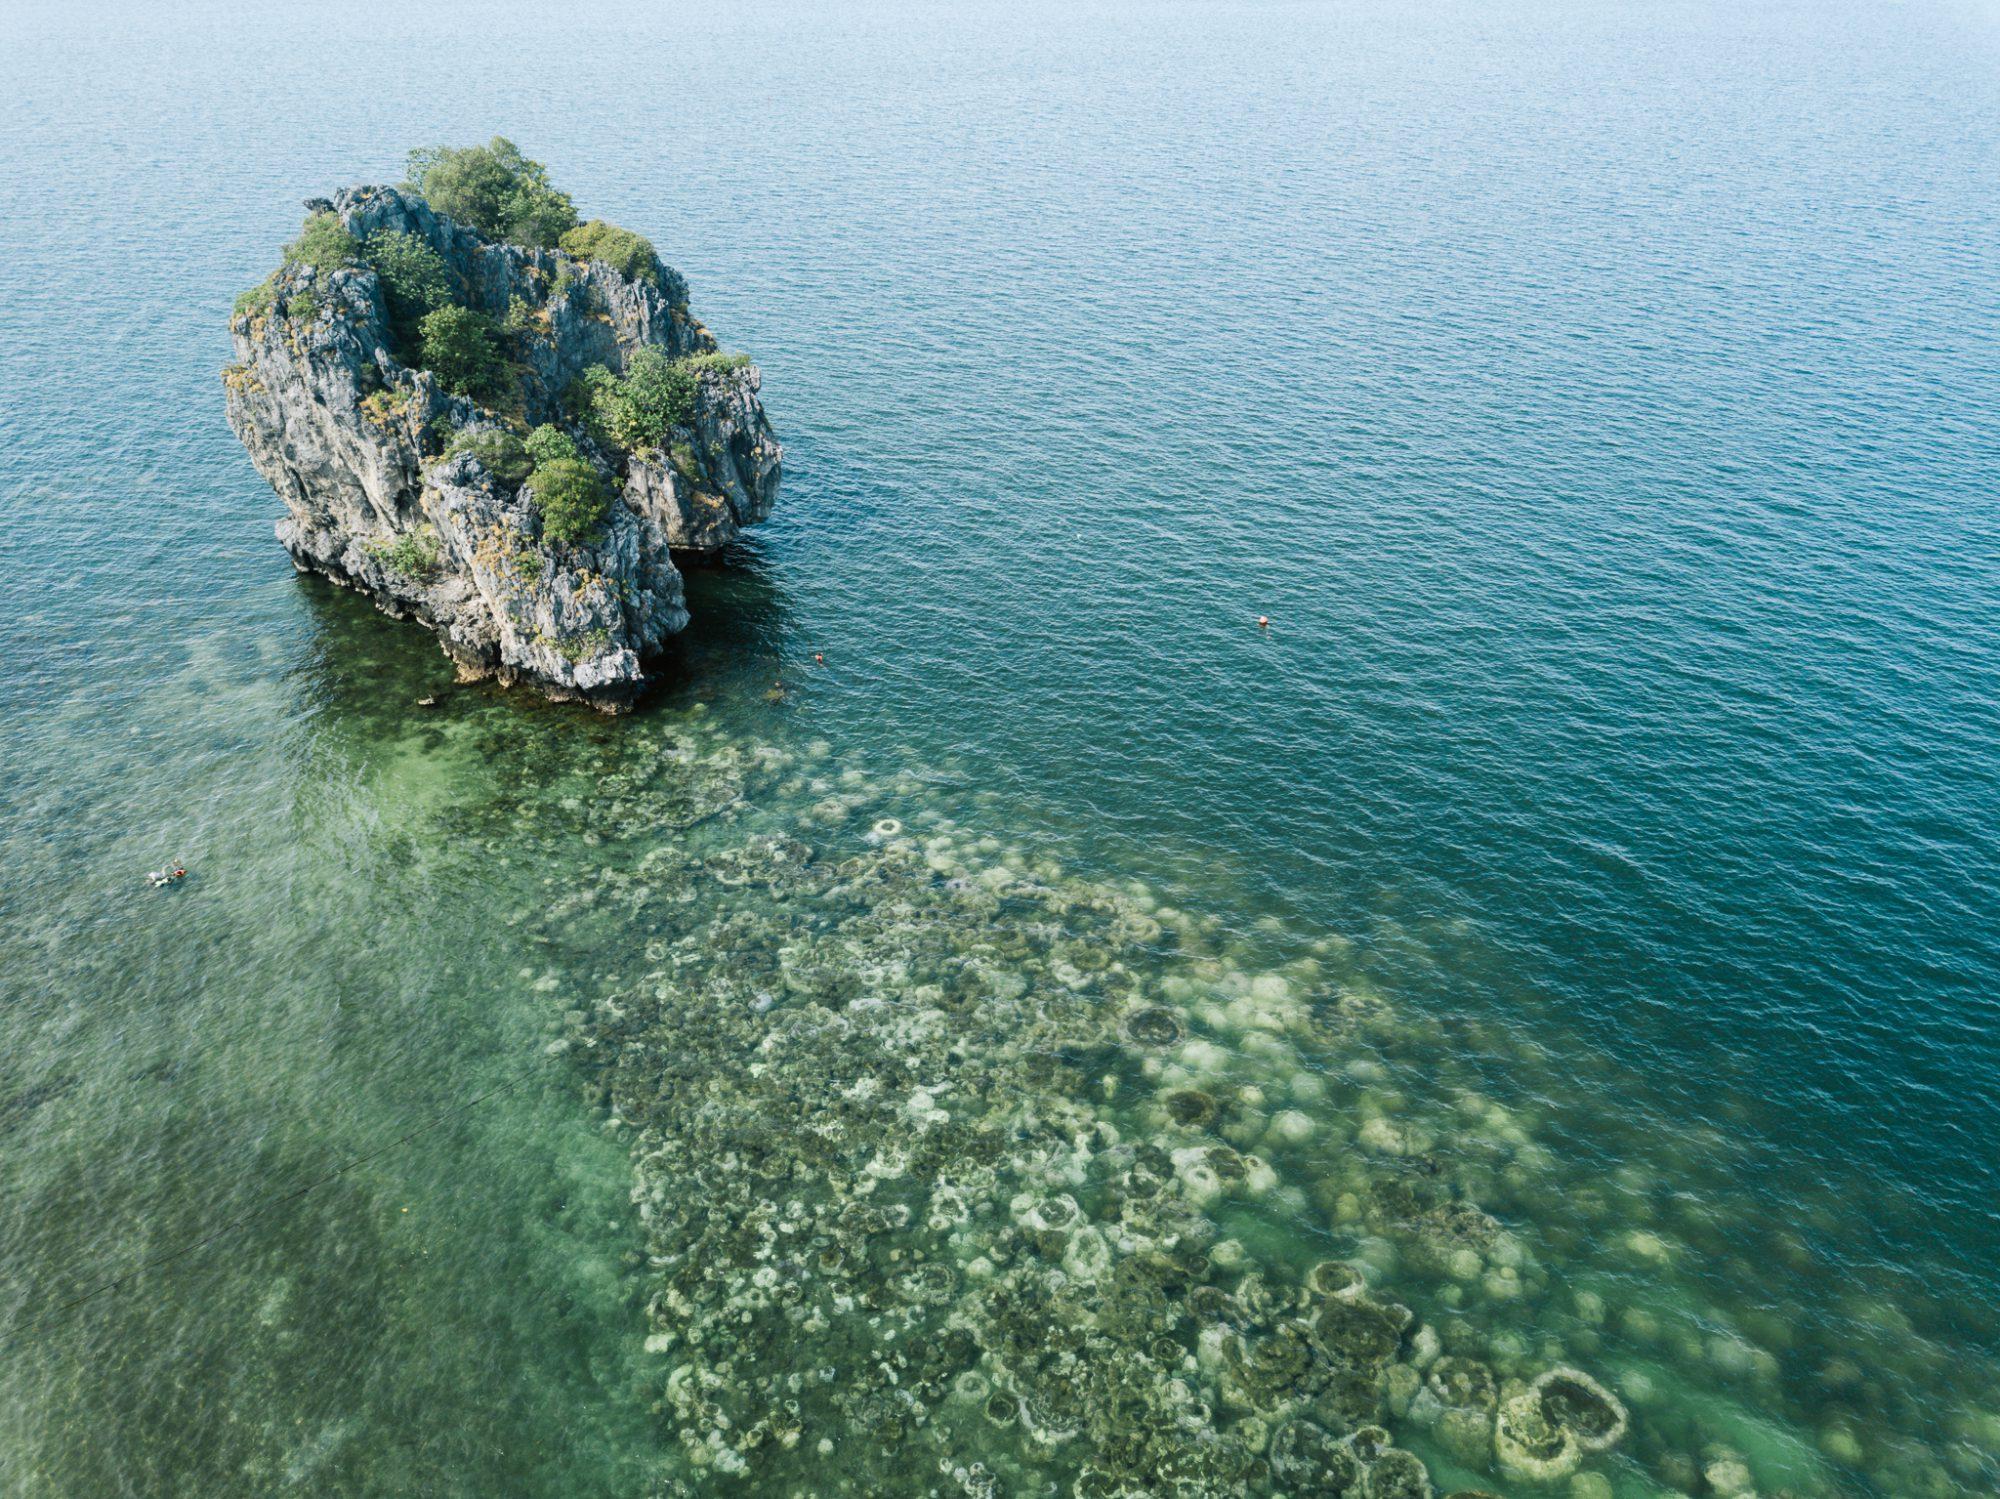 ชุมพร' หาดสวย ทะเลใส เที่ยวสนุกคุ้มวันลาในวันธรรมดากับเมืองรองที่ห้ามมองข้าม!